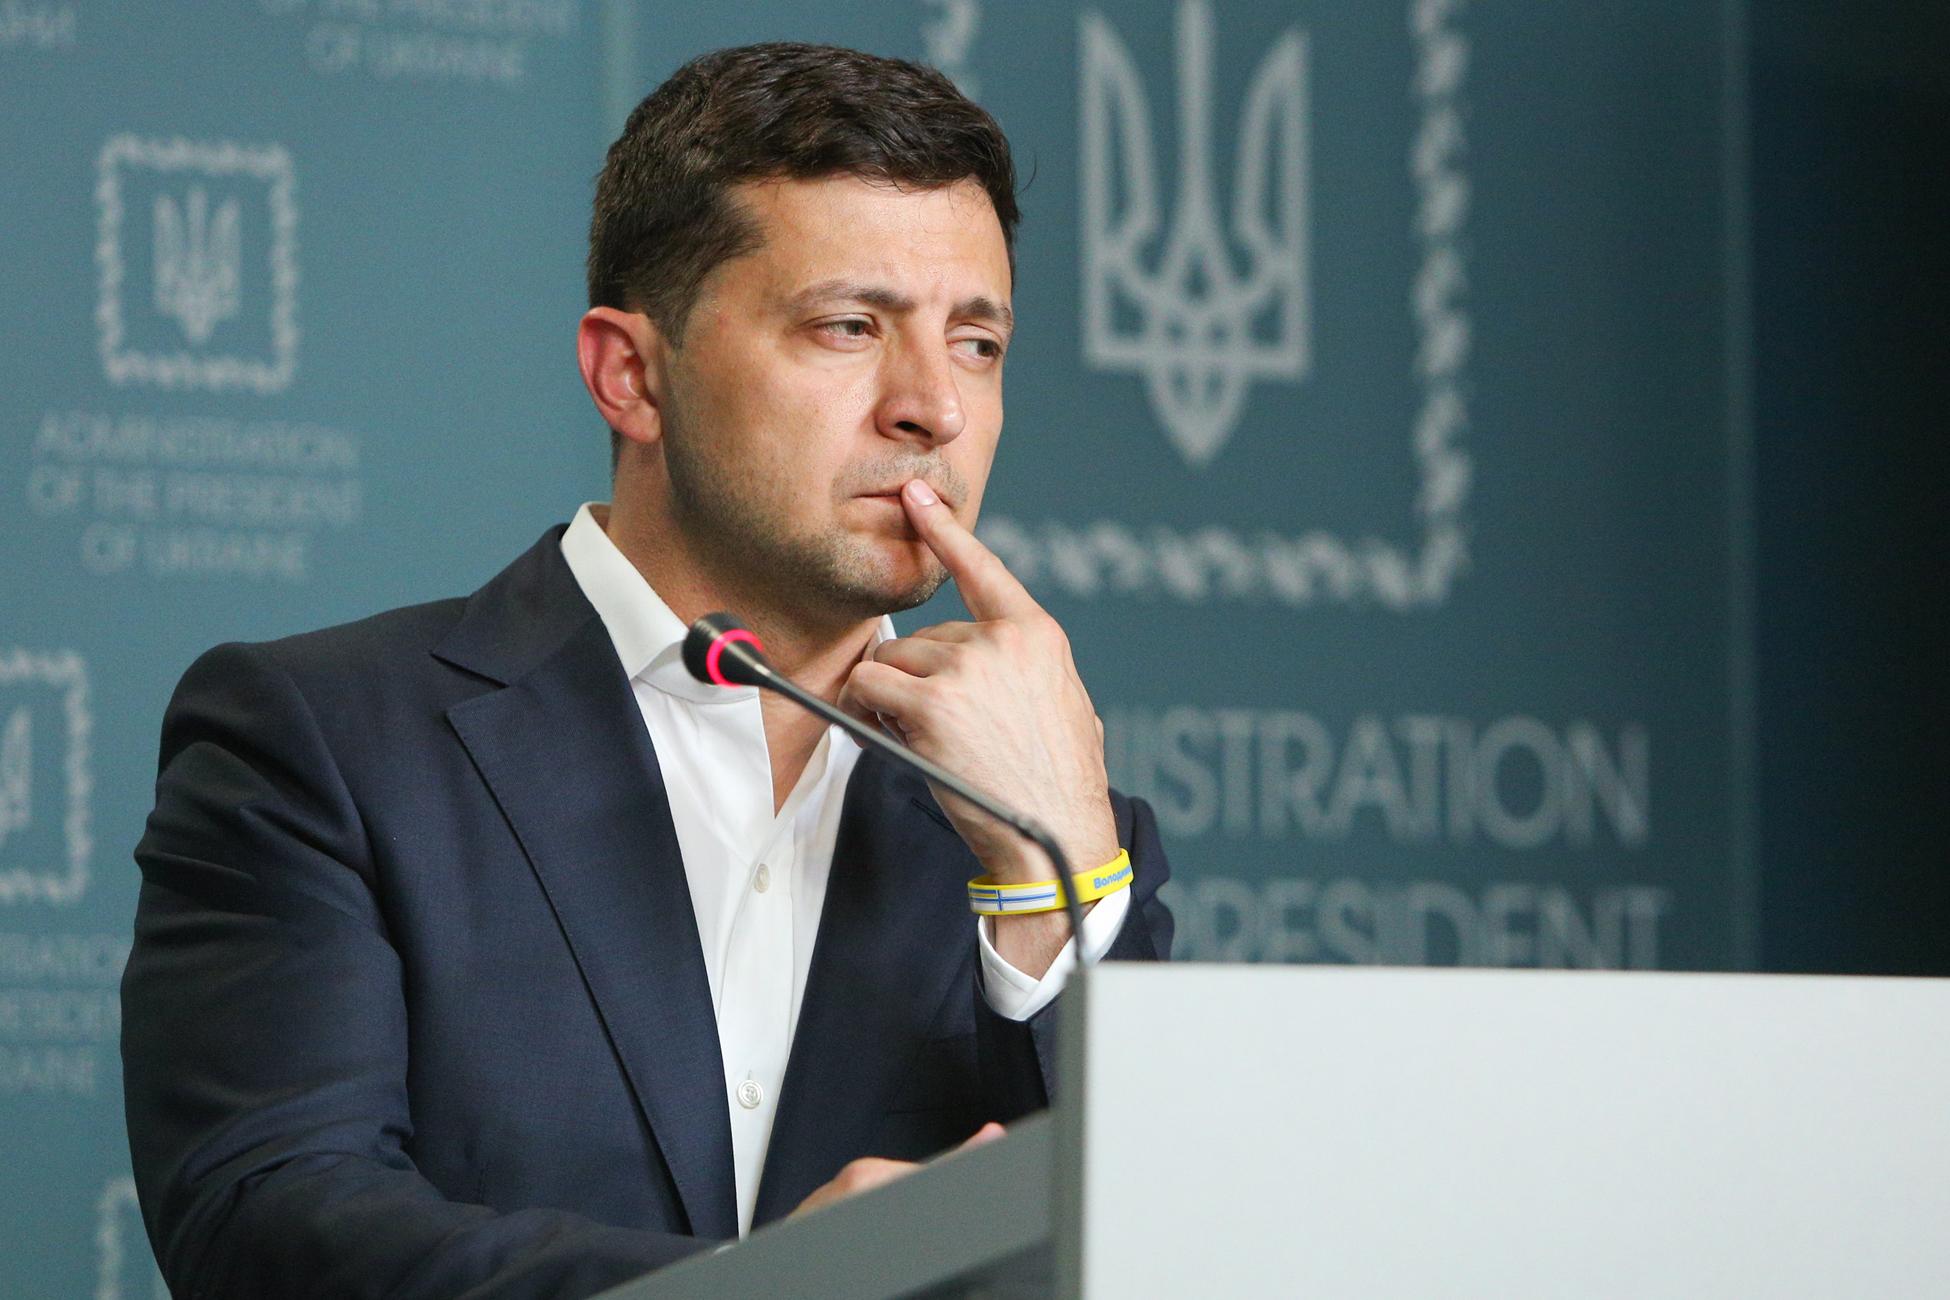 Украинские правозащитники призвали Зеленского разорвать отношения с режимом Лукашенко